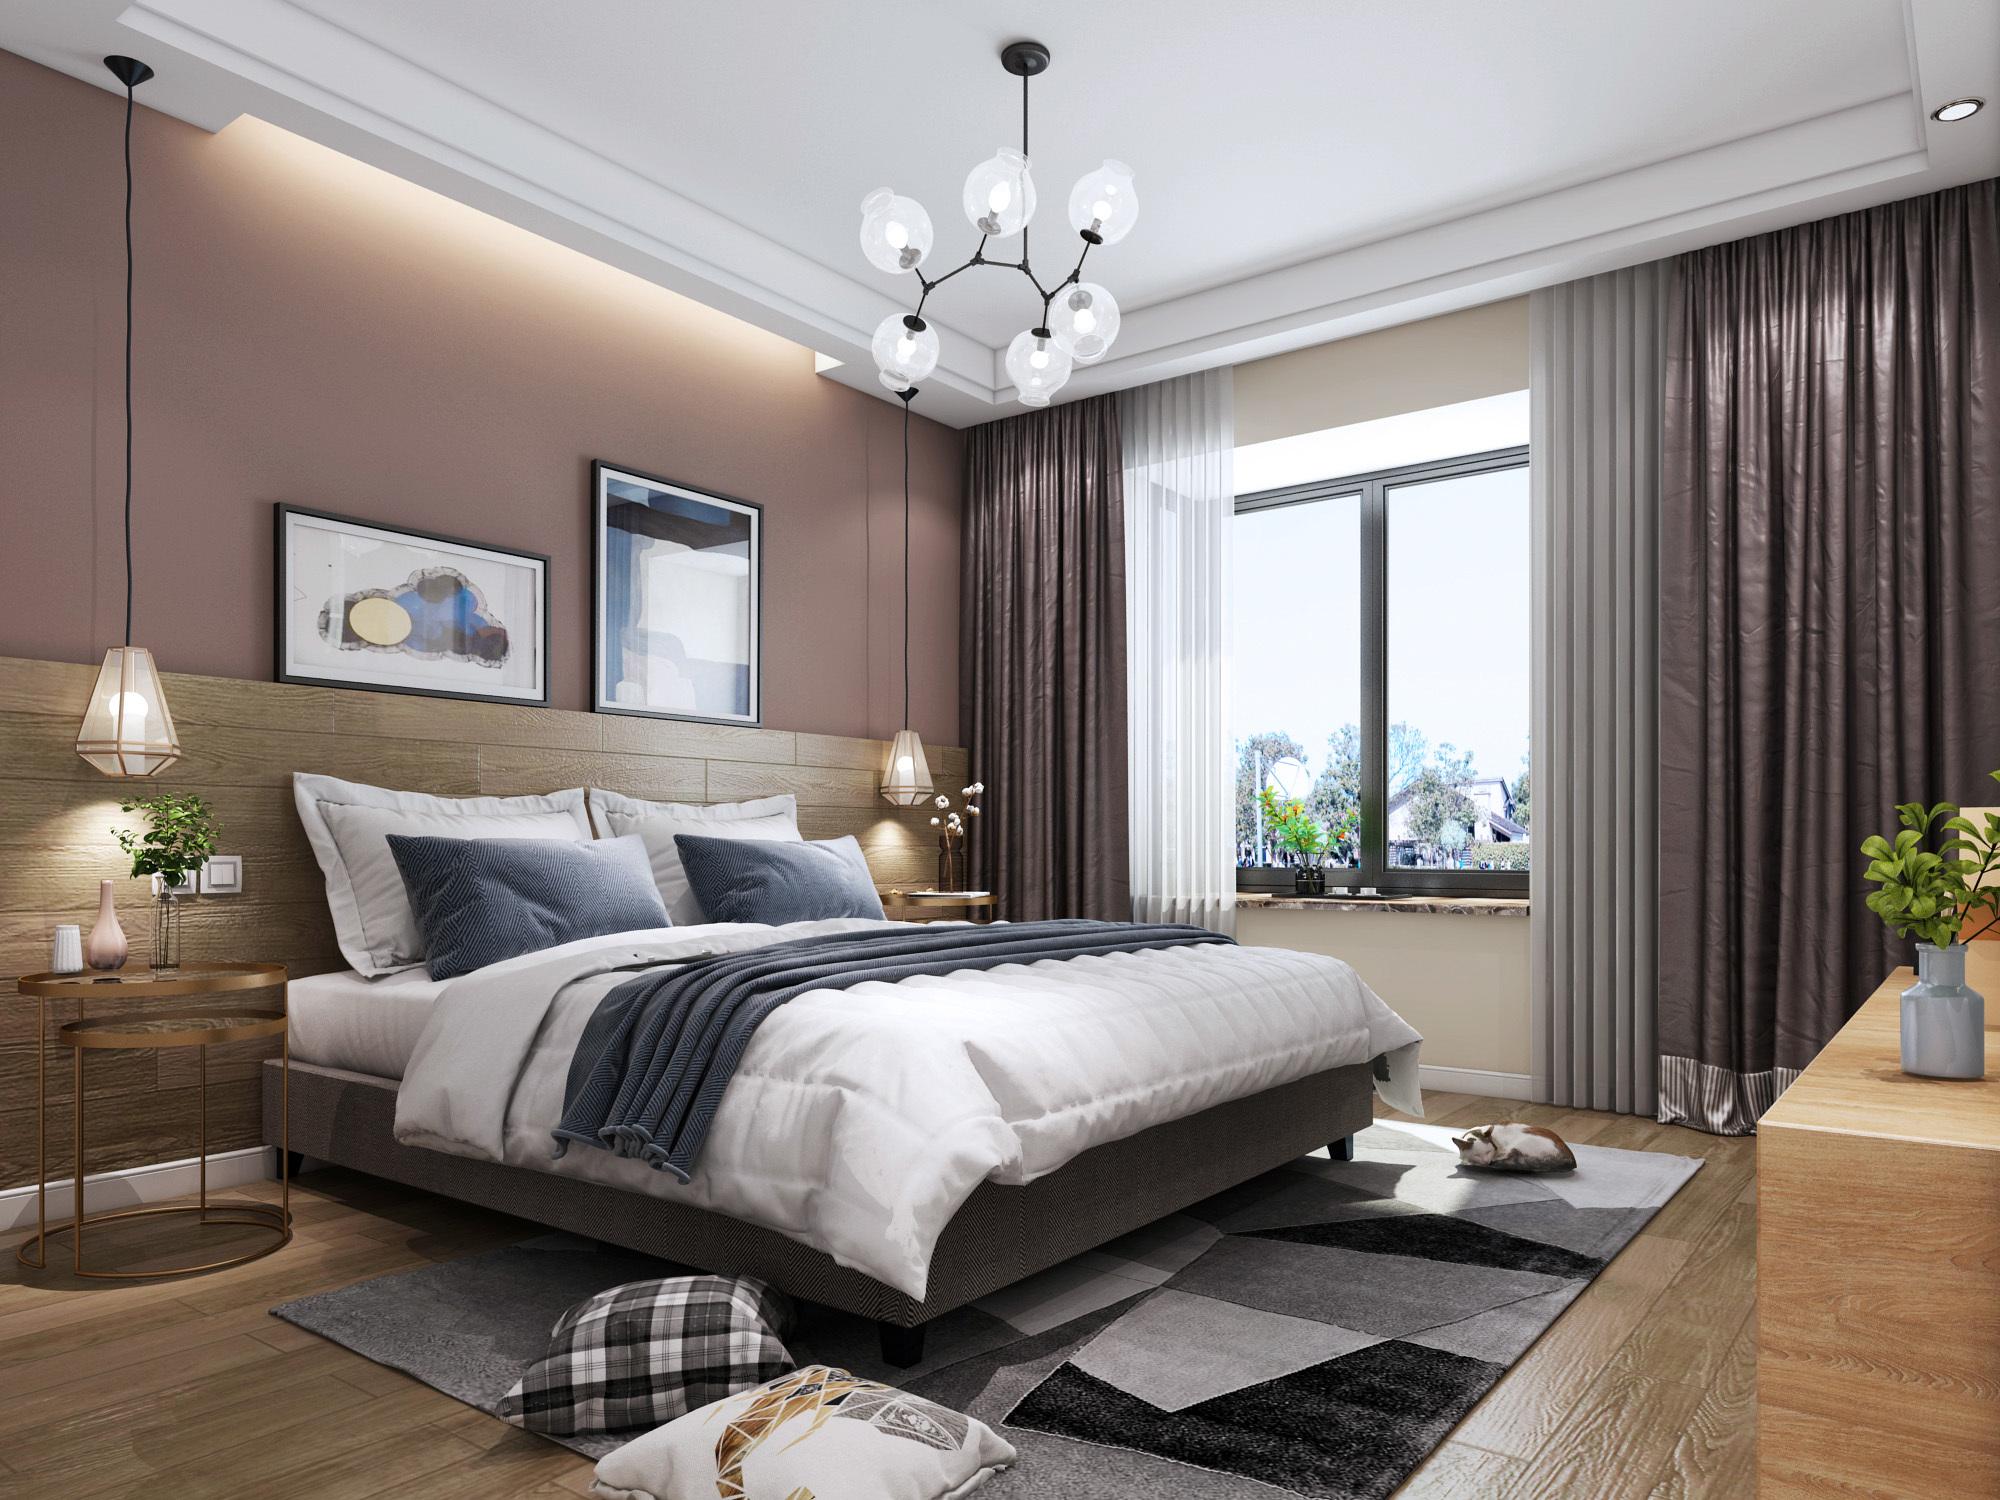 背景墙 房间 家居 起居室 设计 卧室 卧室装修 现代 装修 2000_1500